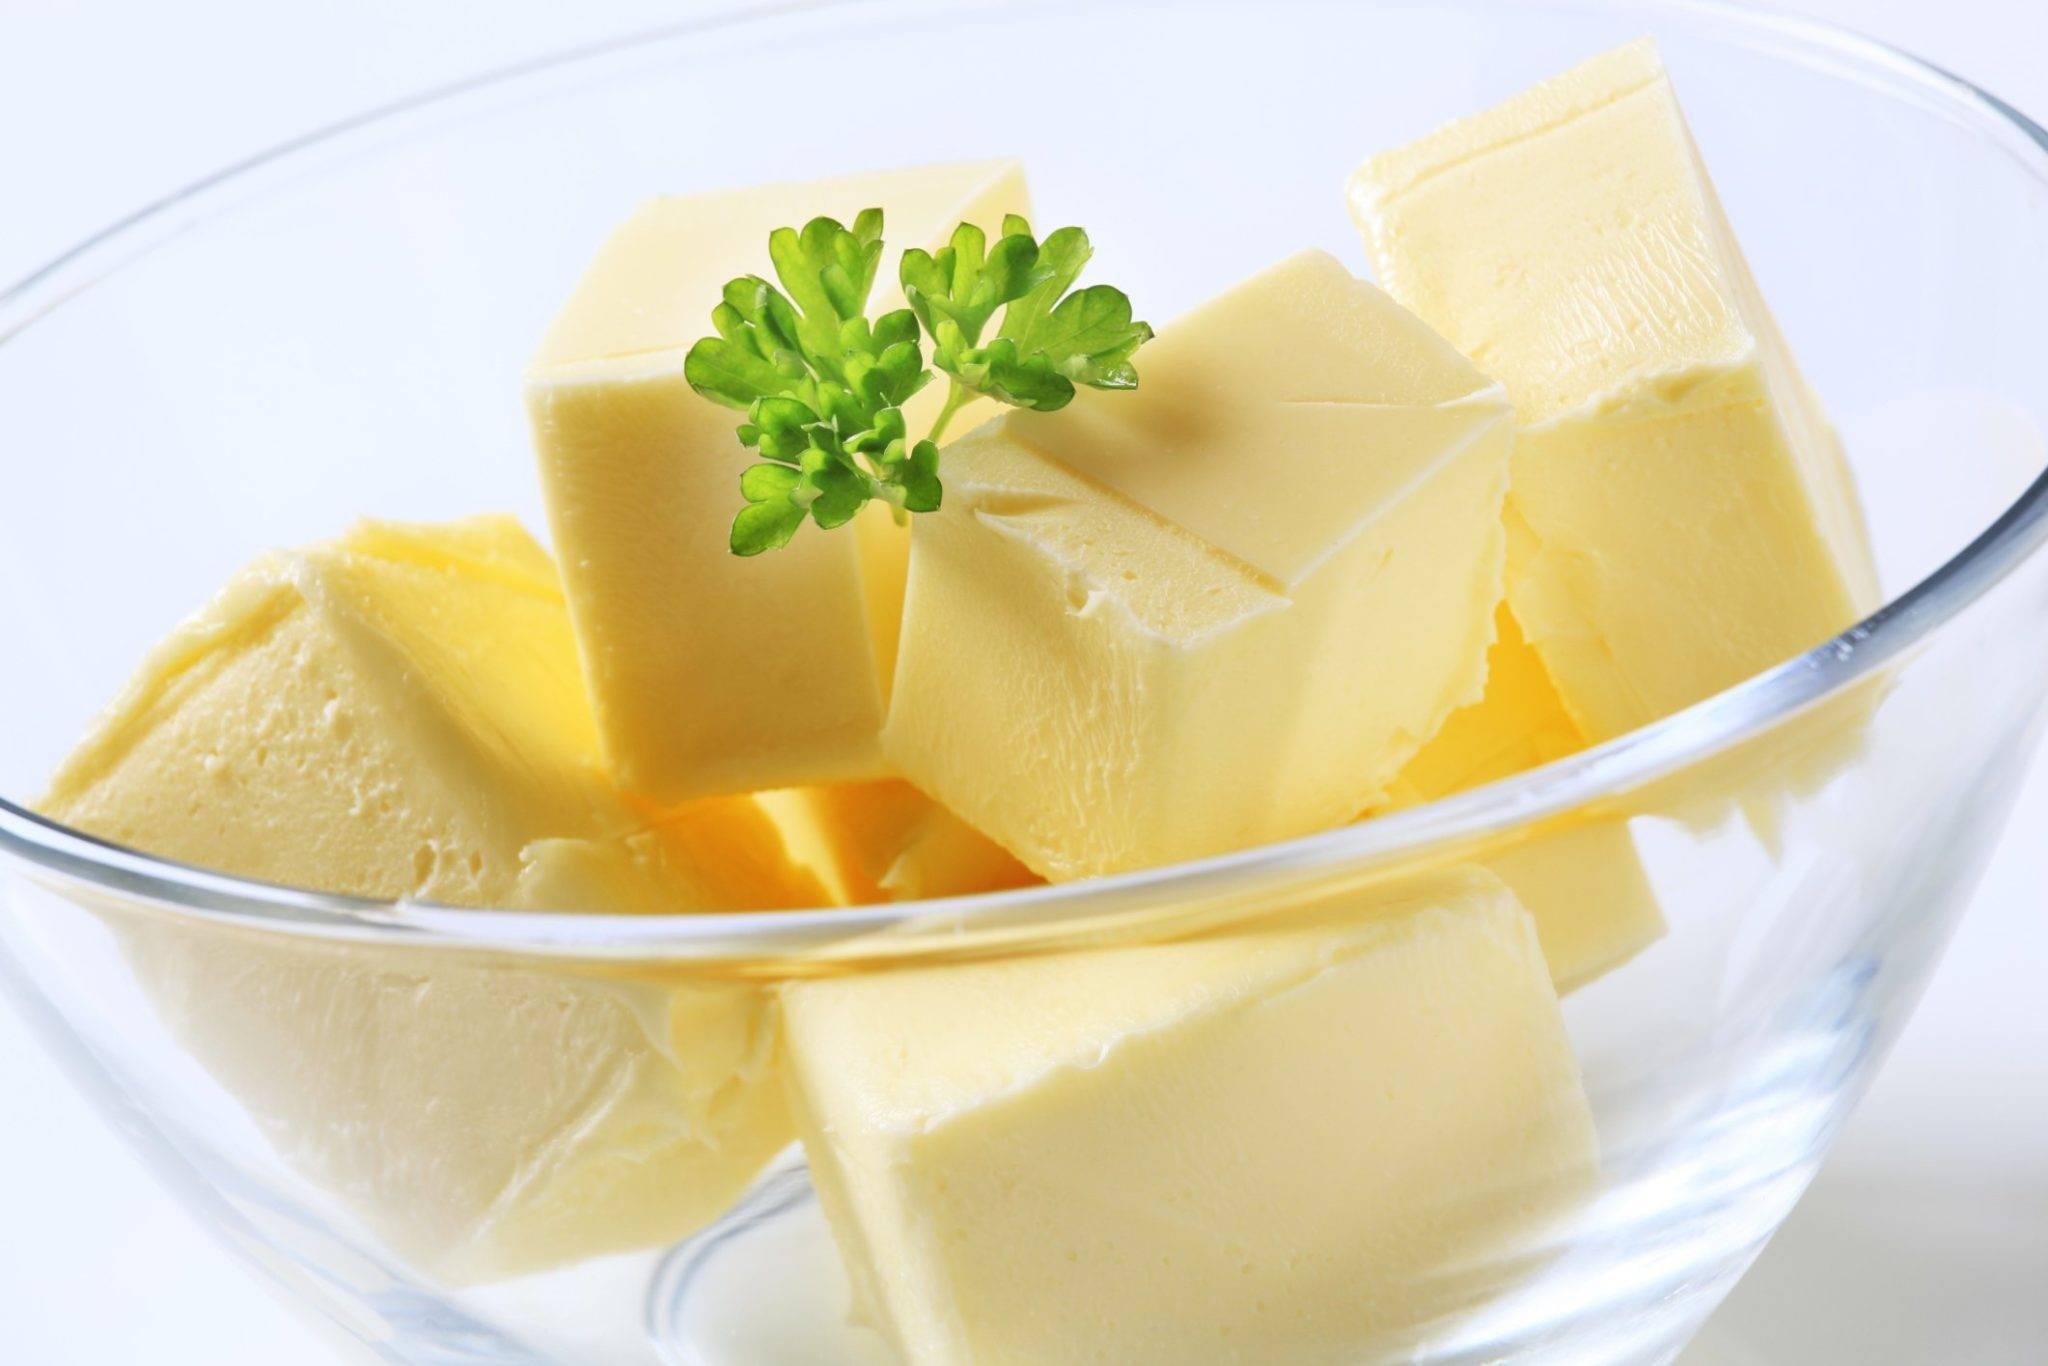 Польза сливочного масла и его вредные свойства: обзор состава и воздействия на организм человека (105 фото + видео)